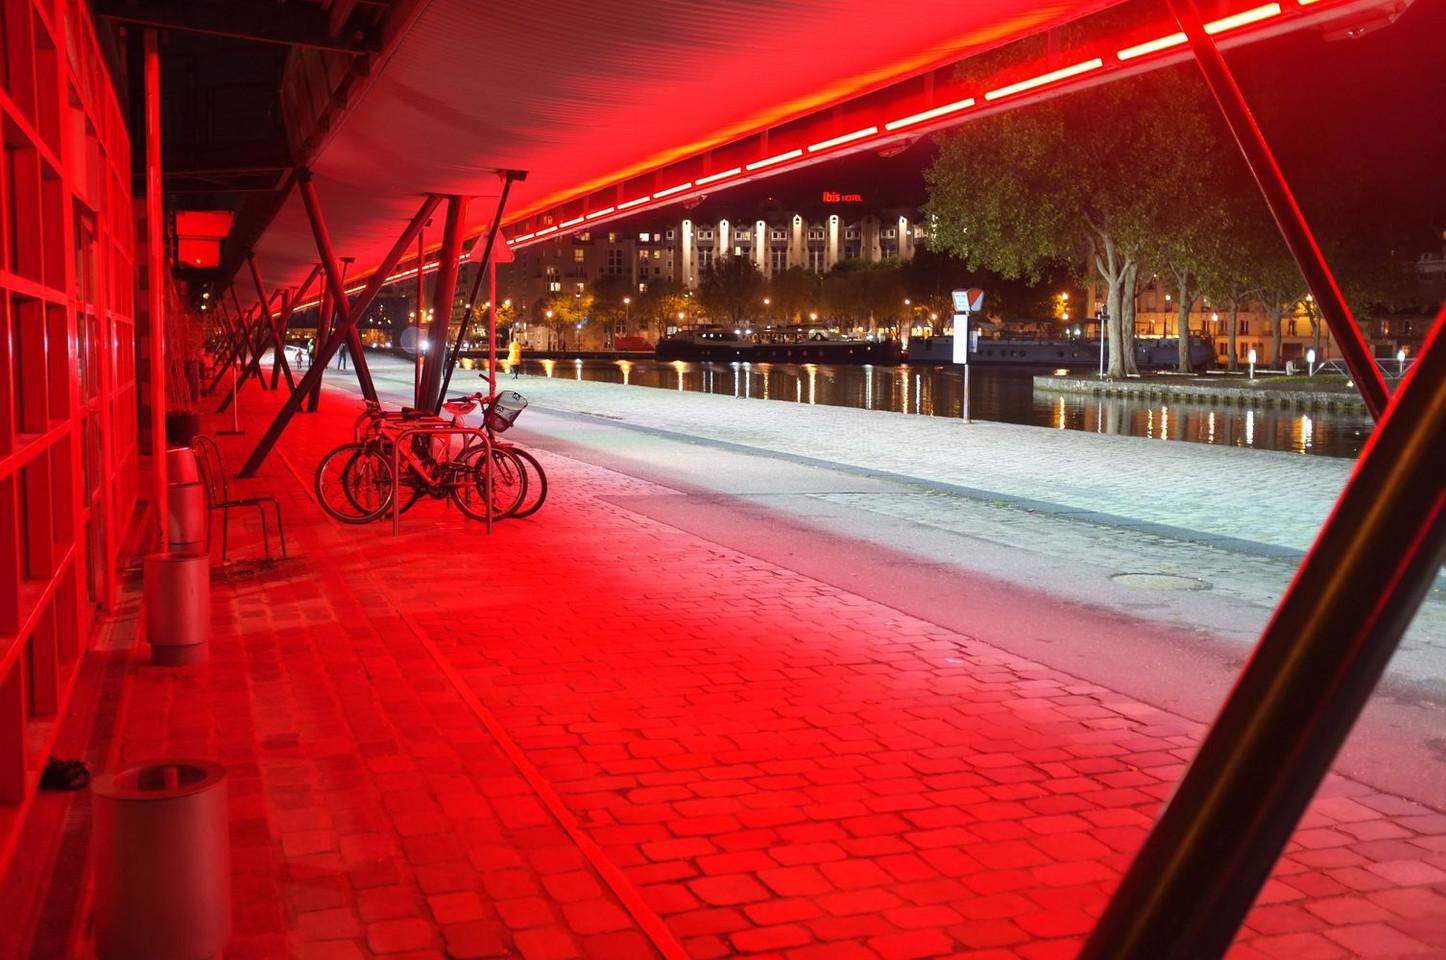 Red - Paris